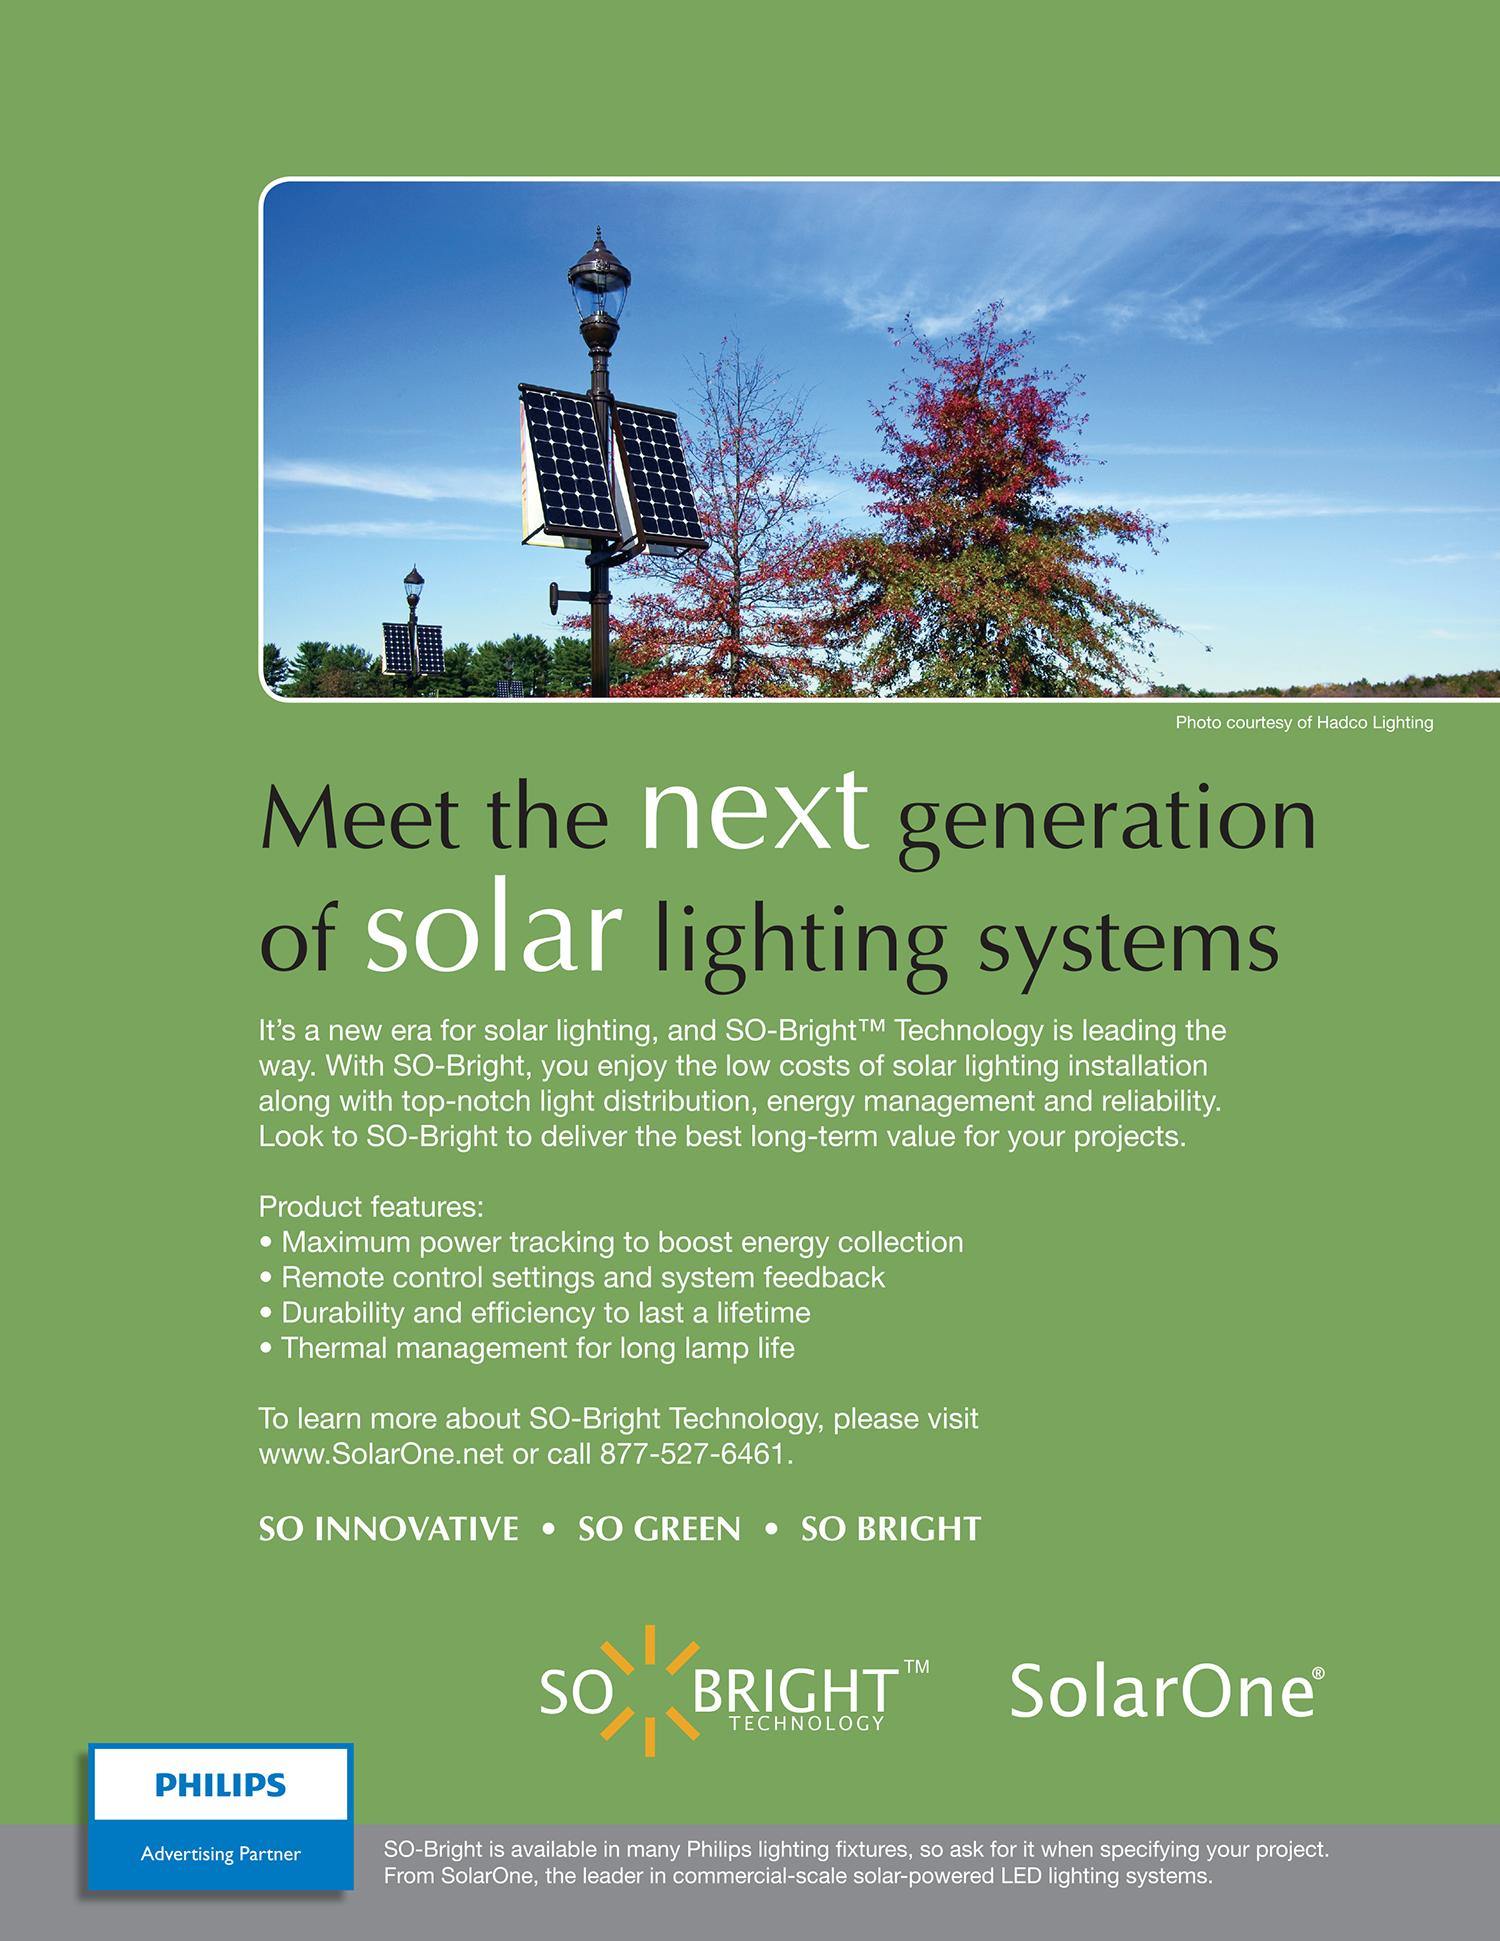 Print Ad for SolarOne